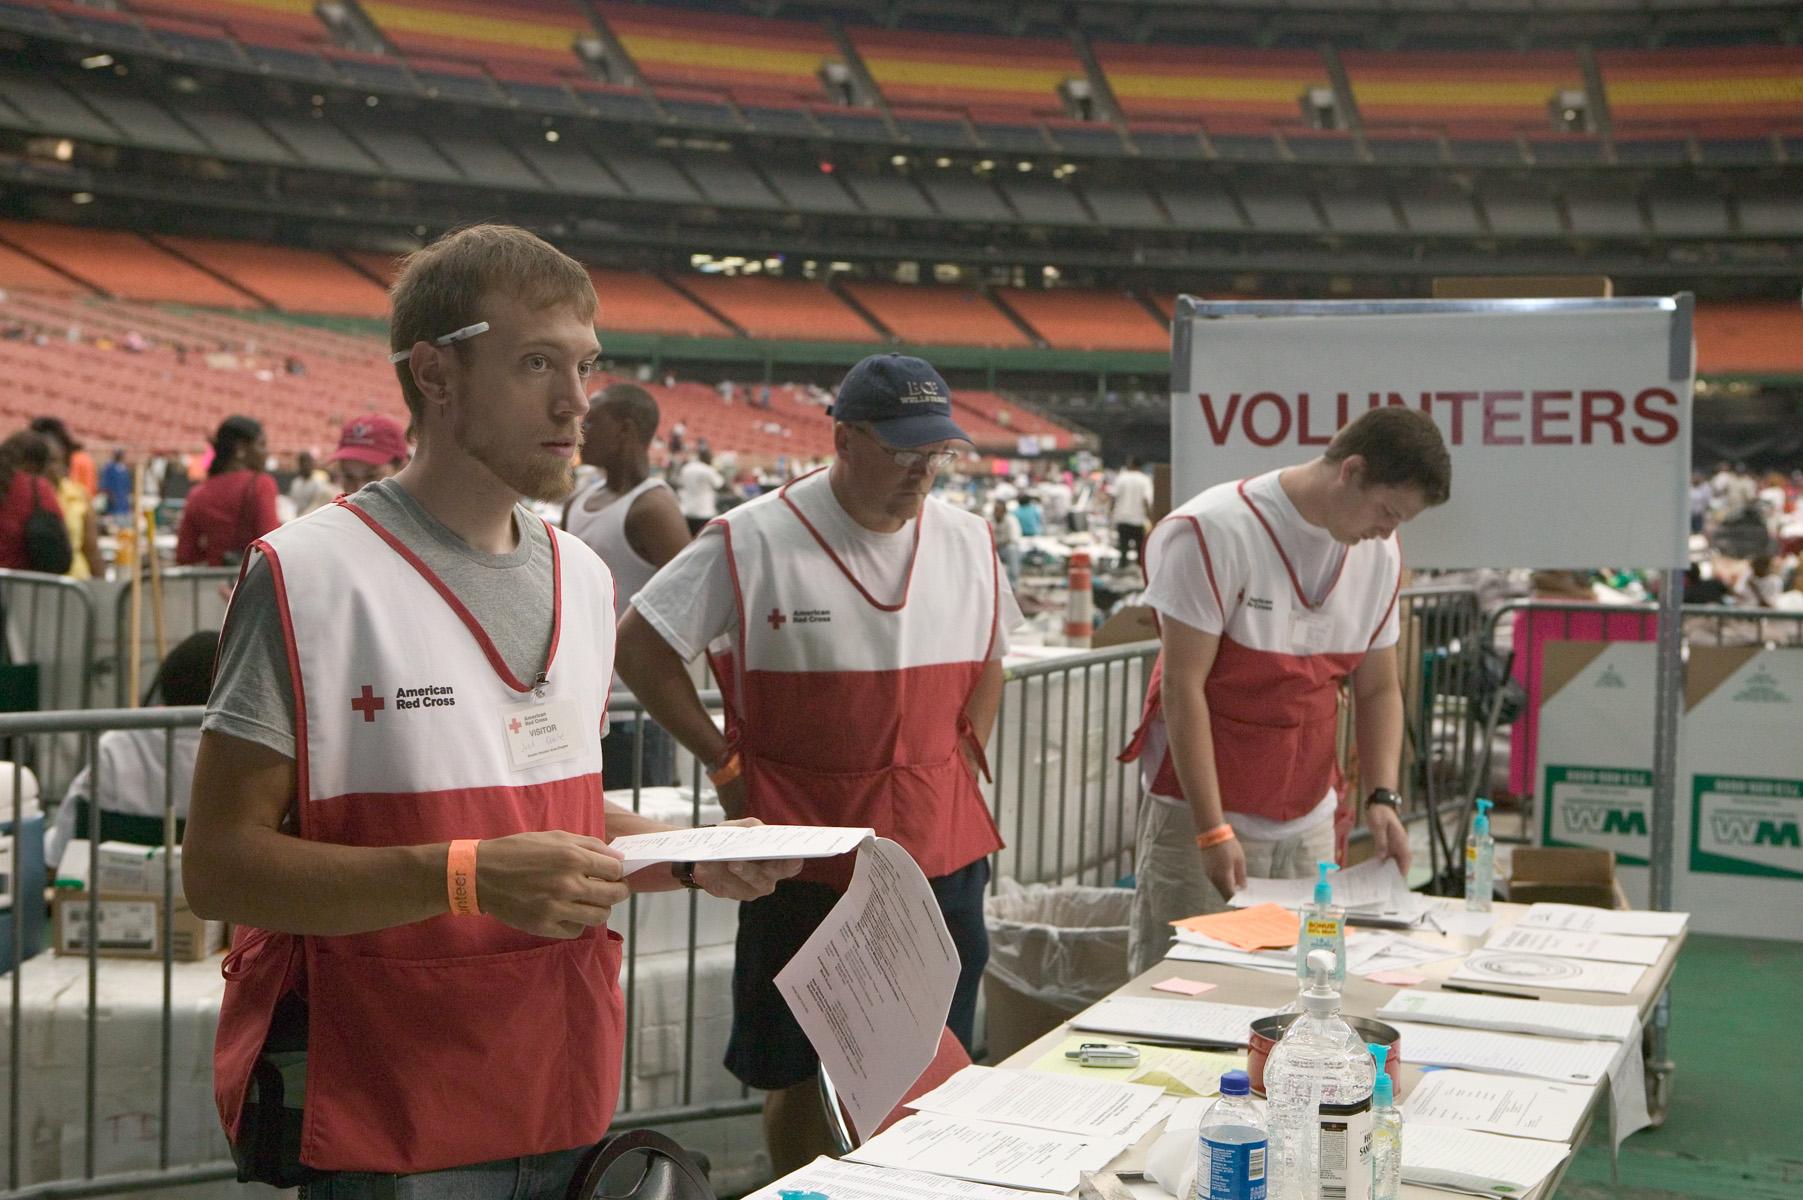 Voluntarios ayudan a las víctimas del  huracán Katrina, que provocó 1.833 muertes en 2005 en Estados Unidos. Foto: FEMA (Federal Emergency Management Agency).